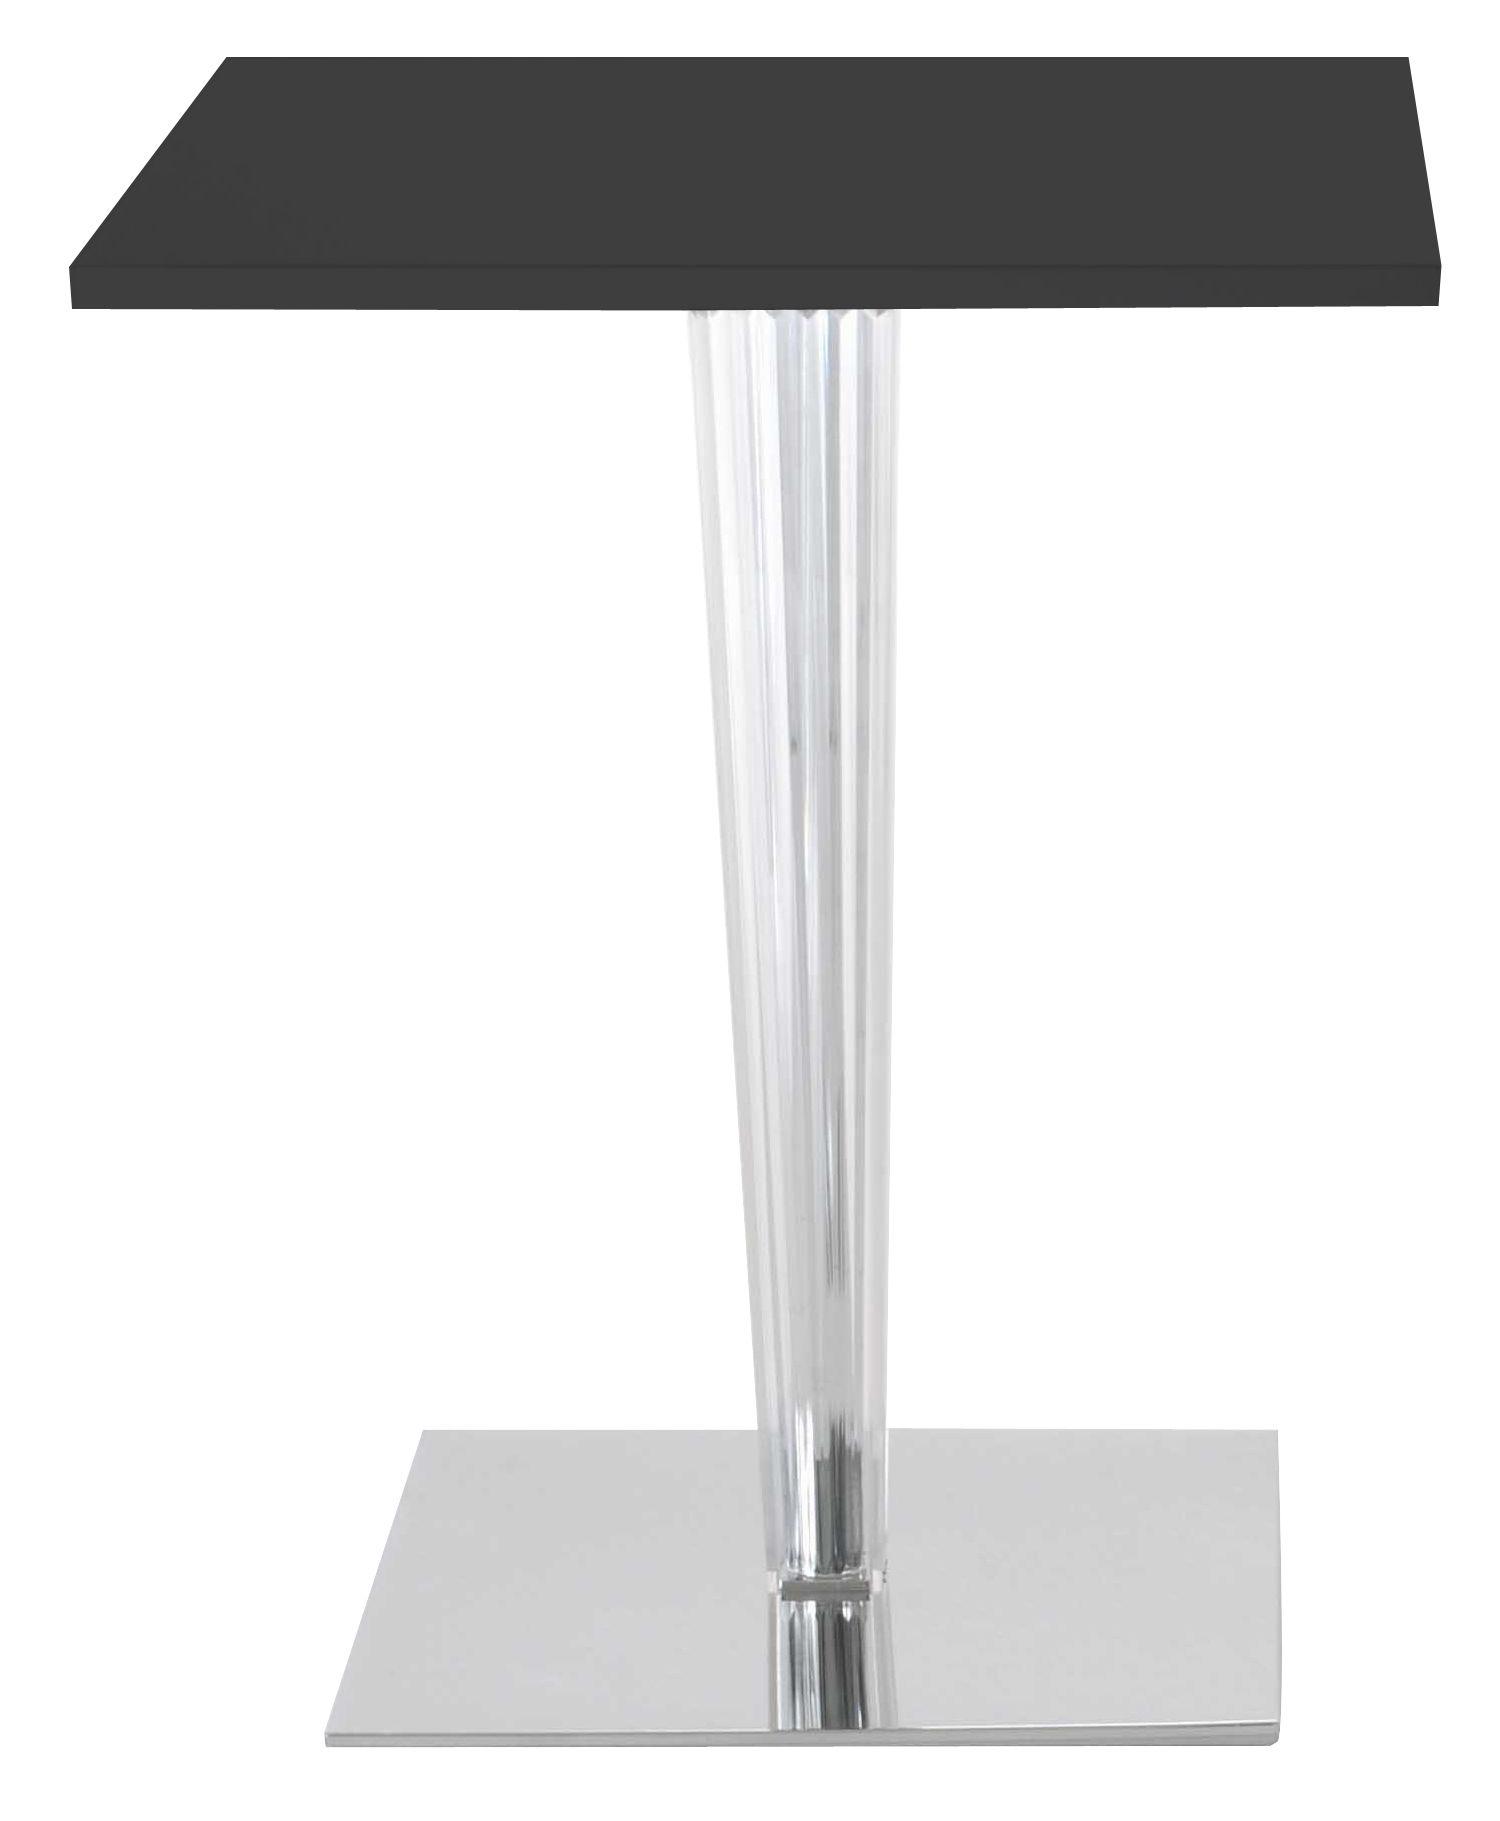 Arredamento - Tavoli - Tavolo quadrato Top Top - Piano laccato quadrato di Kartell - Nero / piede quadrato - Alluminio, PMMA, Poliestere laccato